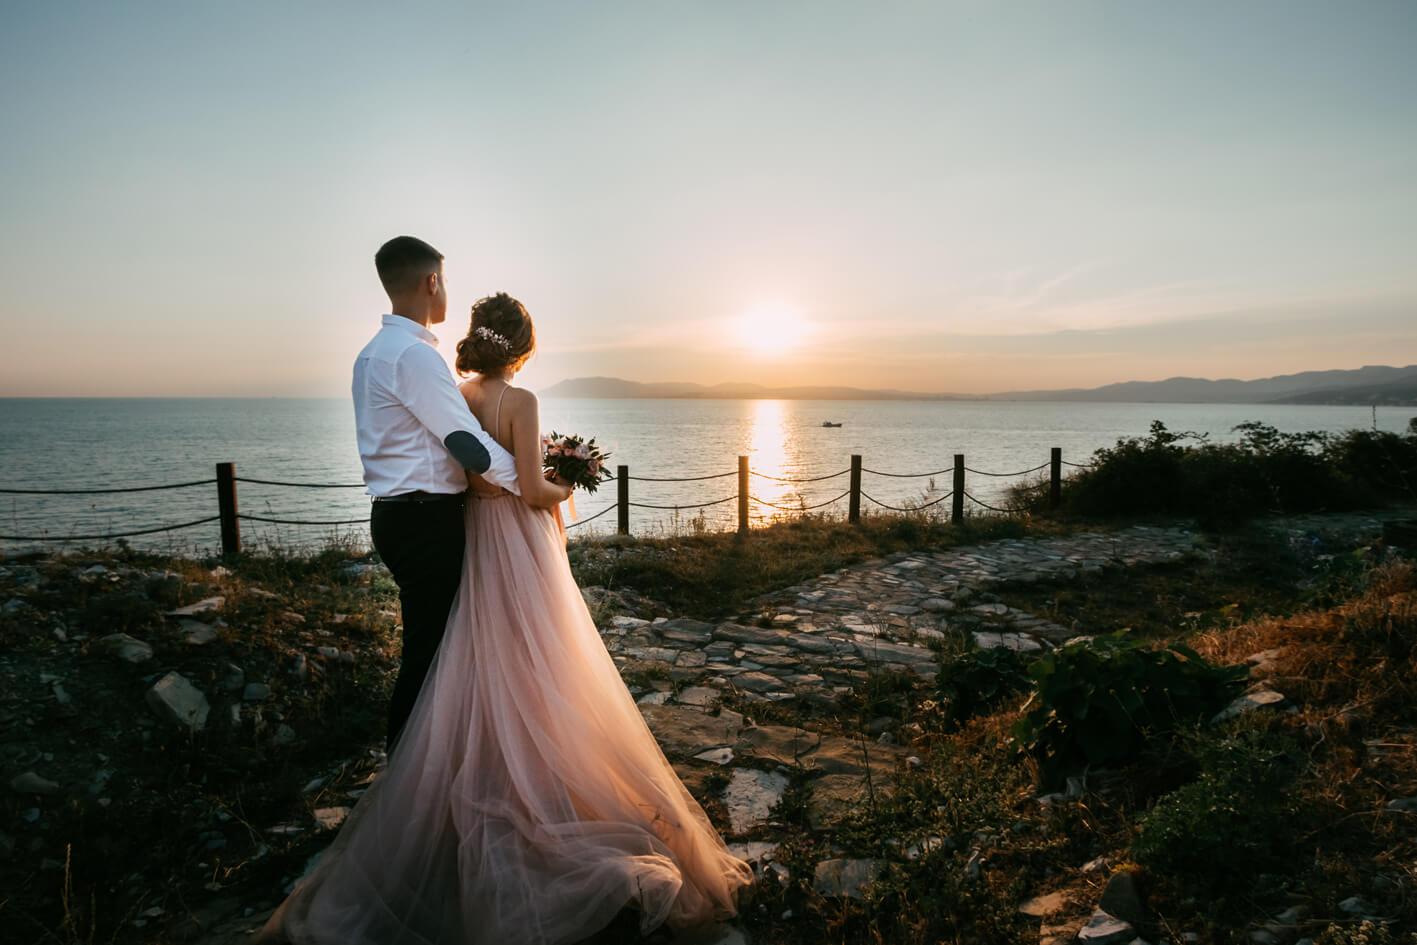 свадебные места для фото в краснодаре конце концов